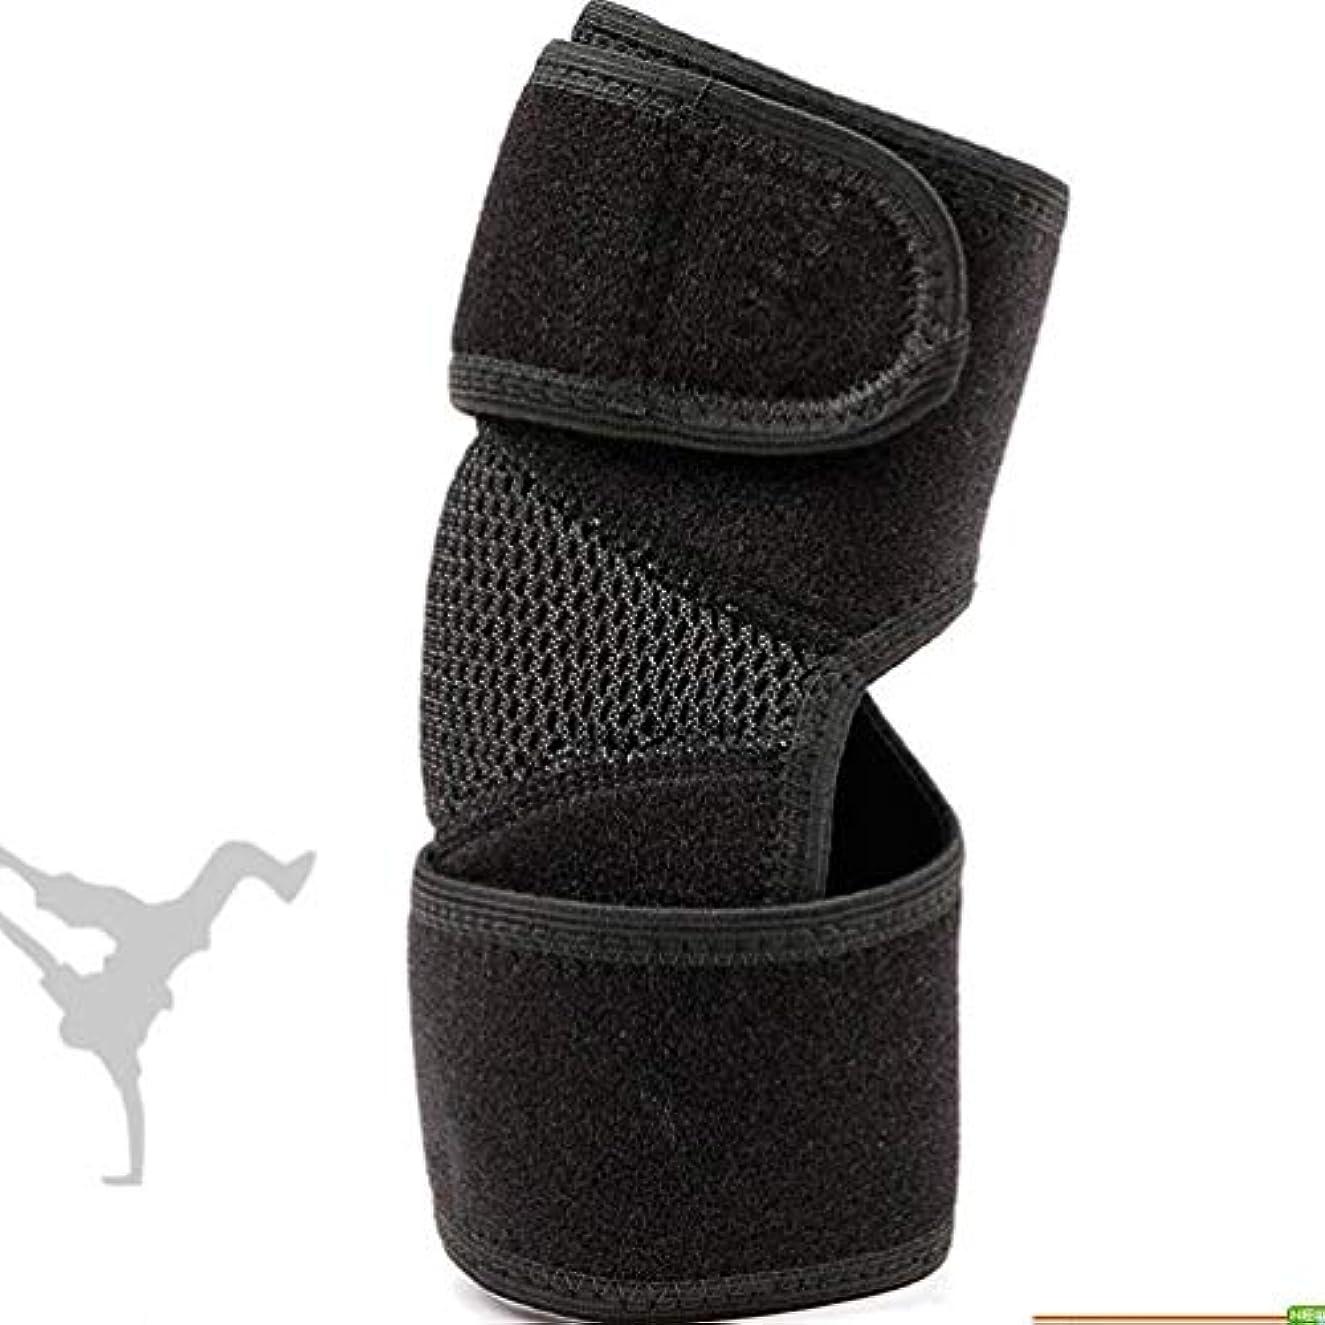 アルプスまろやかな評決調節可能な 腕陸上競技の保護者のスポーツ保護するクラッシュ耐性の弾力性エルボーブレースランスポーツマンディフェンダー - ブラック